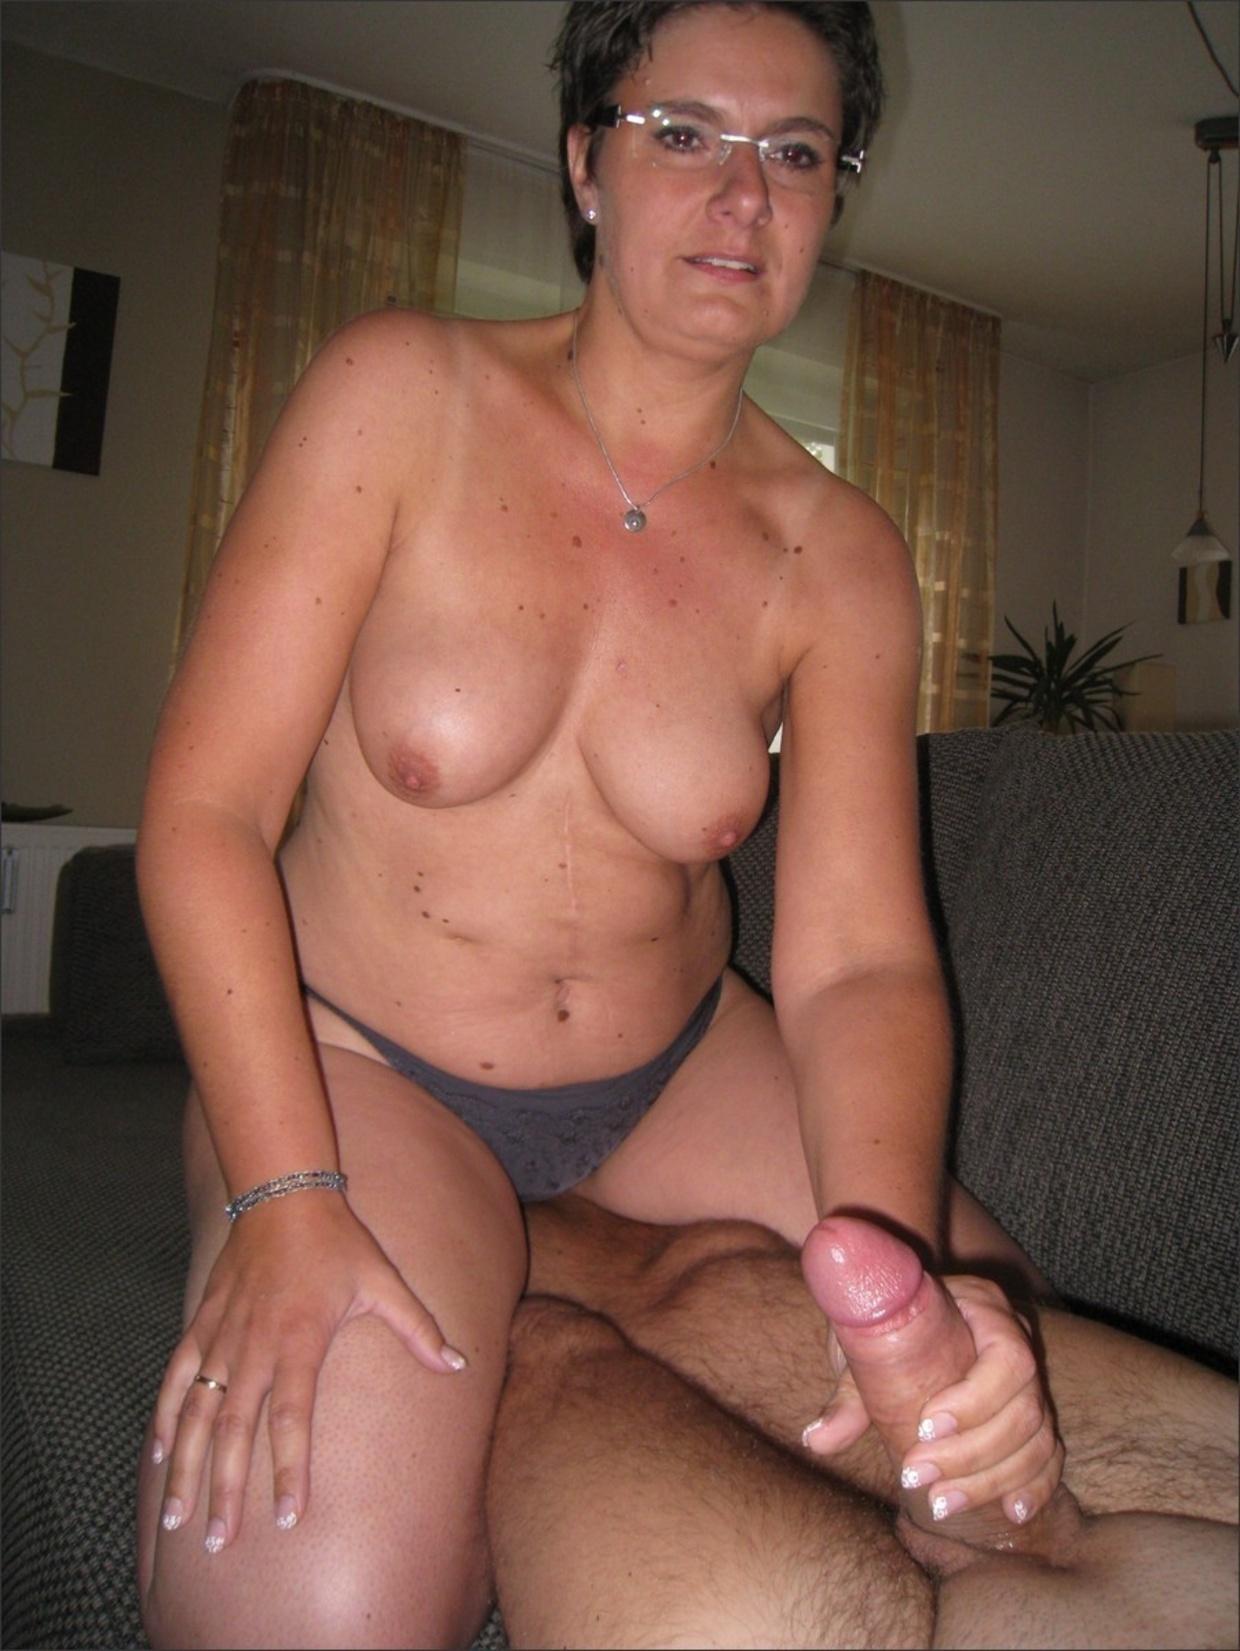 Зрелая девица с короткой стрижкой не прочь сосать фаллос и откровенно фотографироваться в комнате секс фото